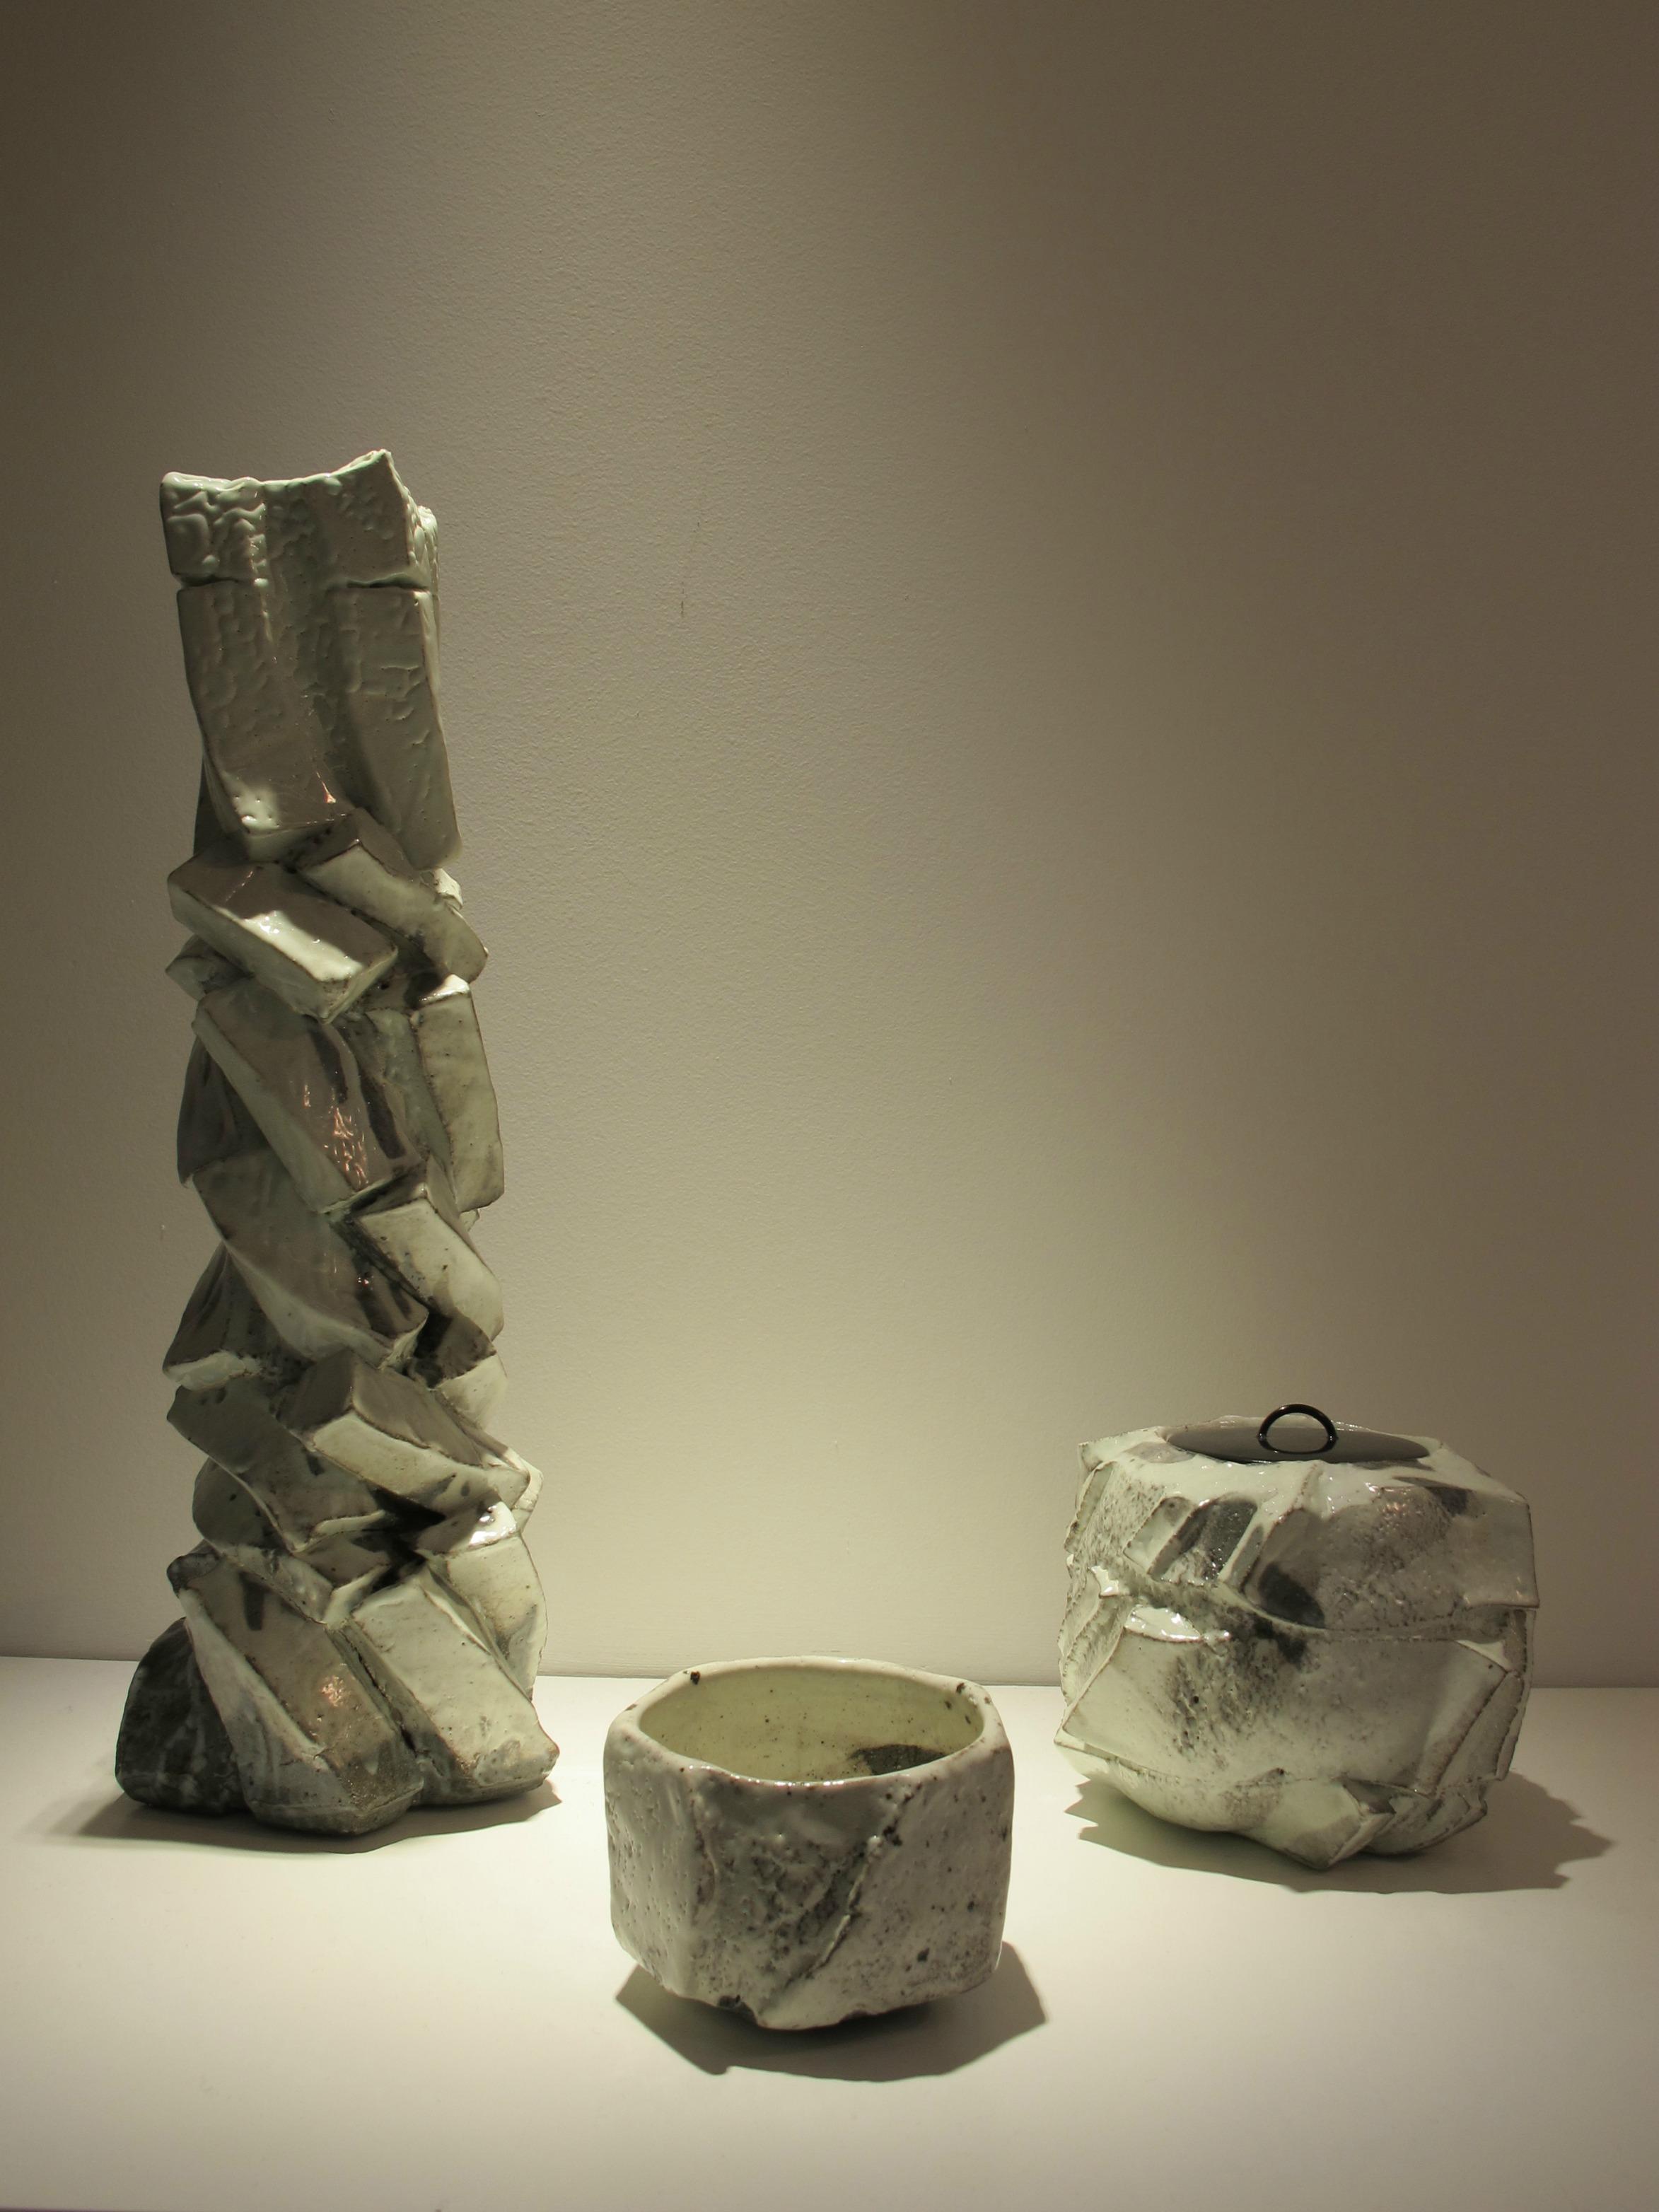 Ceramics by Shozo Michikawa, photo by Cristina.